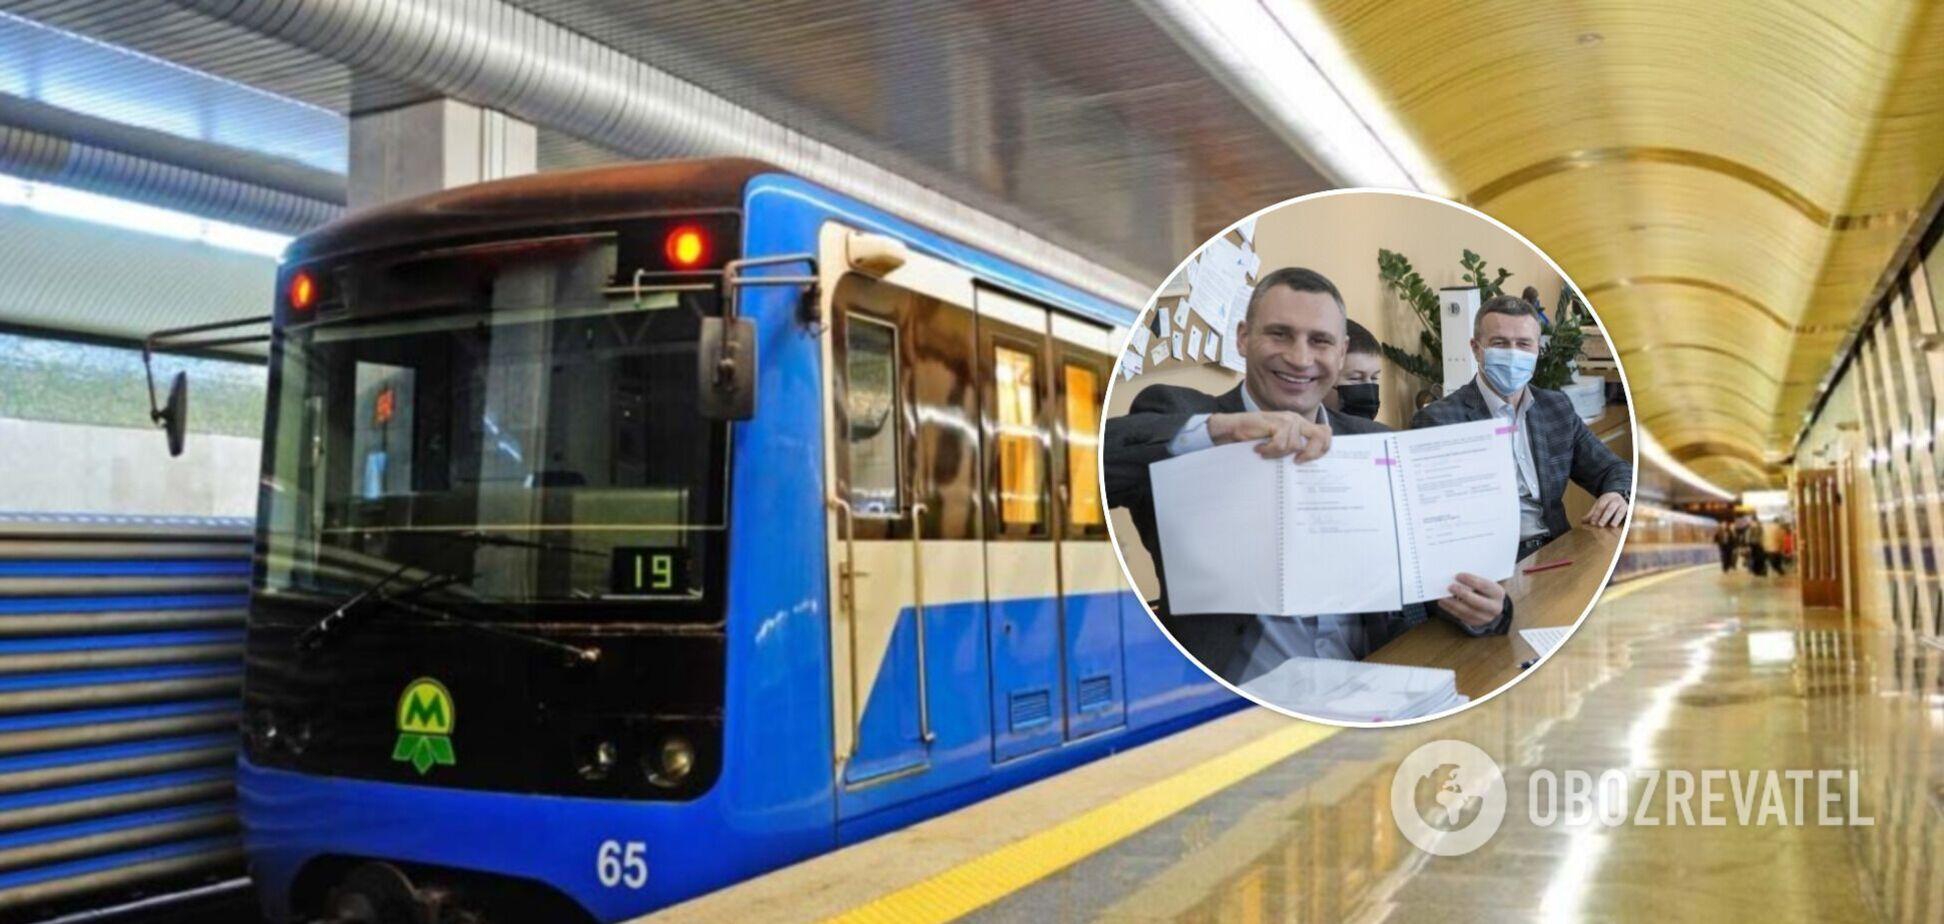 Київ отримає 50 нових вагонів метро: підписано угоду з ЄБРР